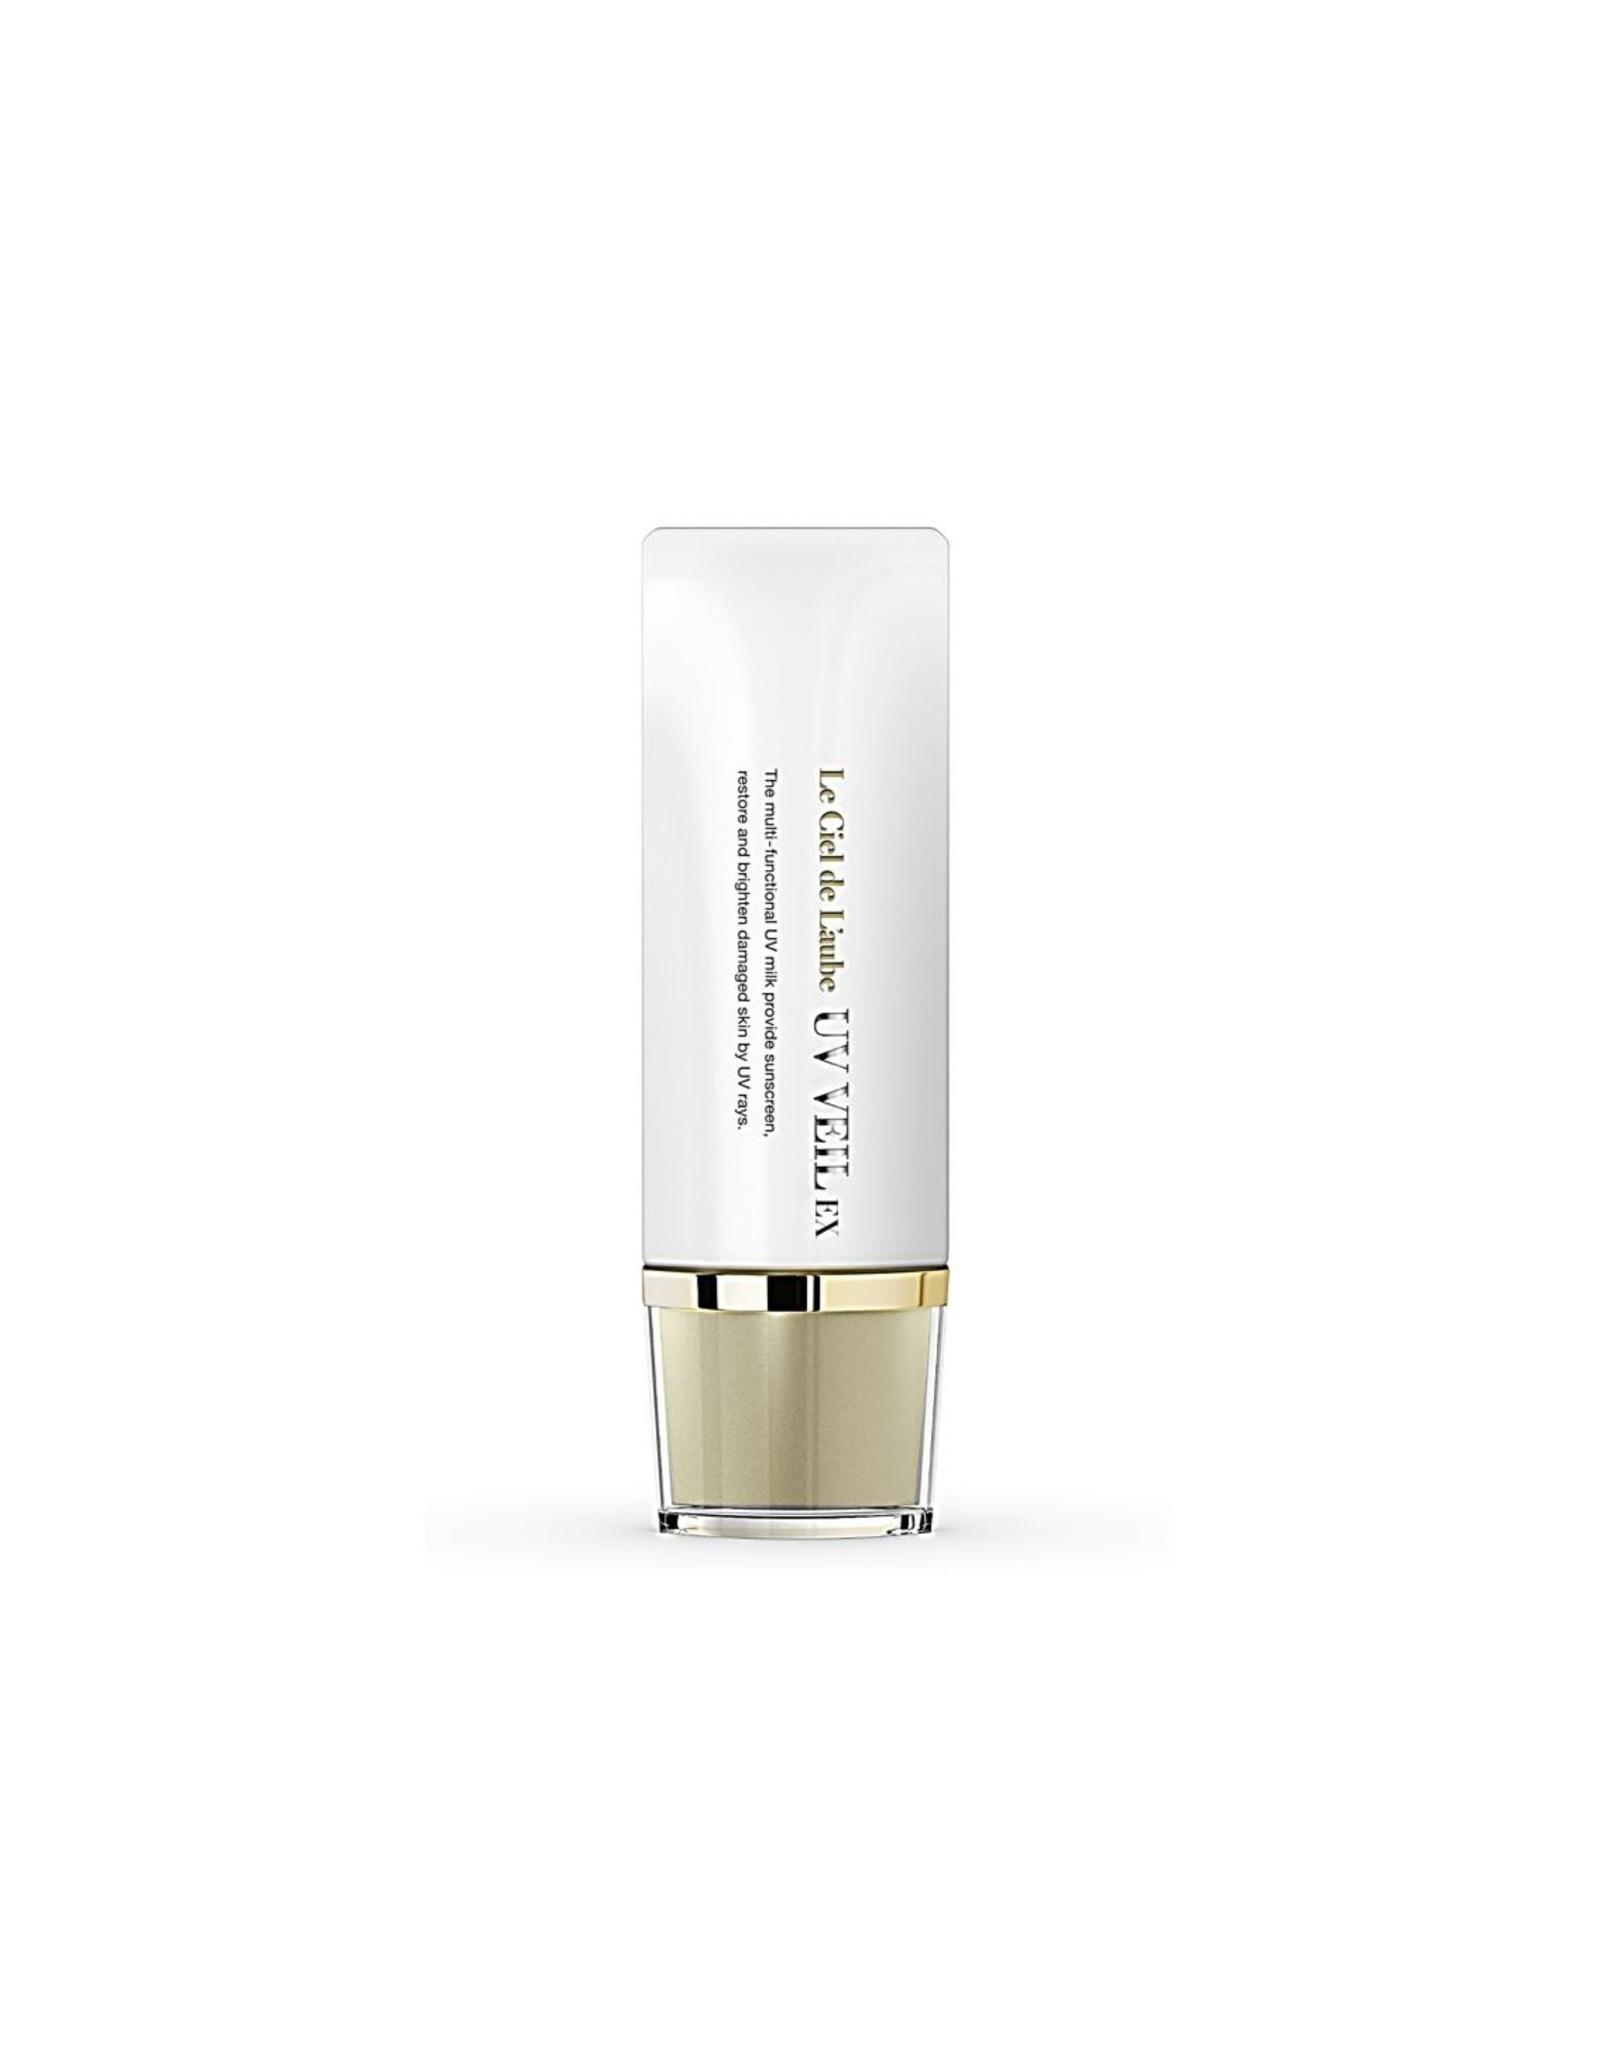 Axxzia Axxzia Le Ciel De L'aube UV Veil EX Sunscreen SPF 50+ PA++++ 40g